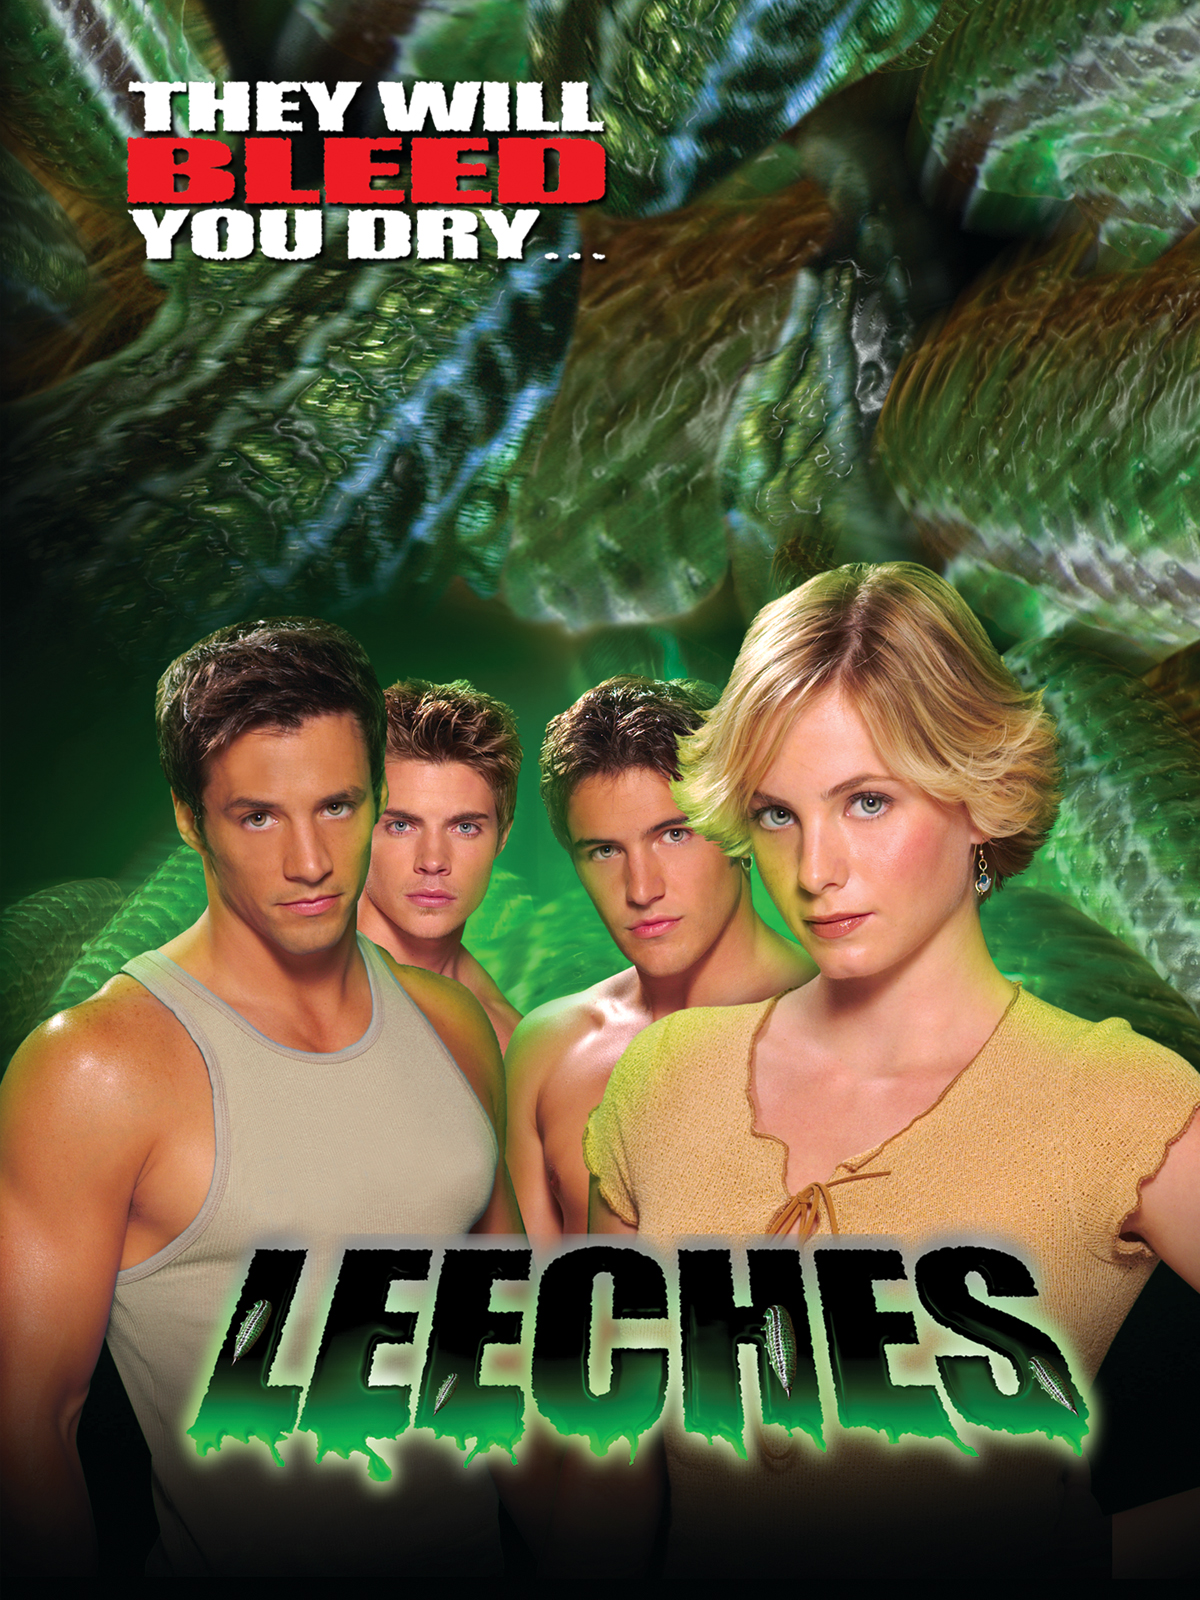 Here-Leeches-Full-Image-en-US.jpg